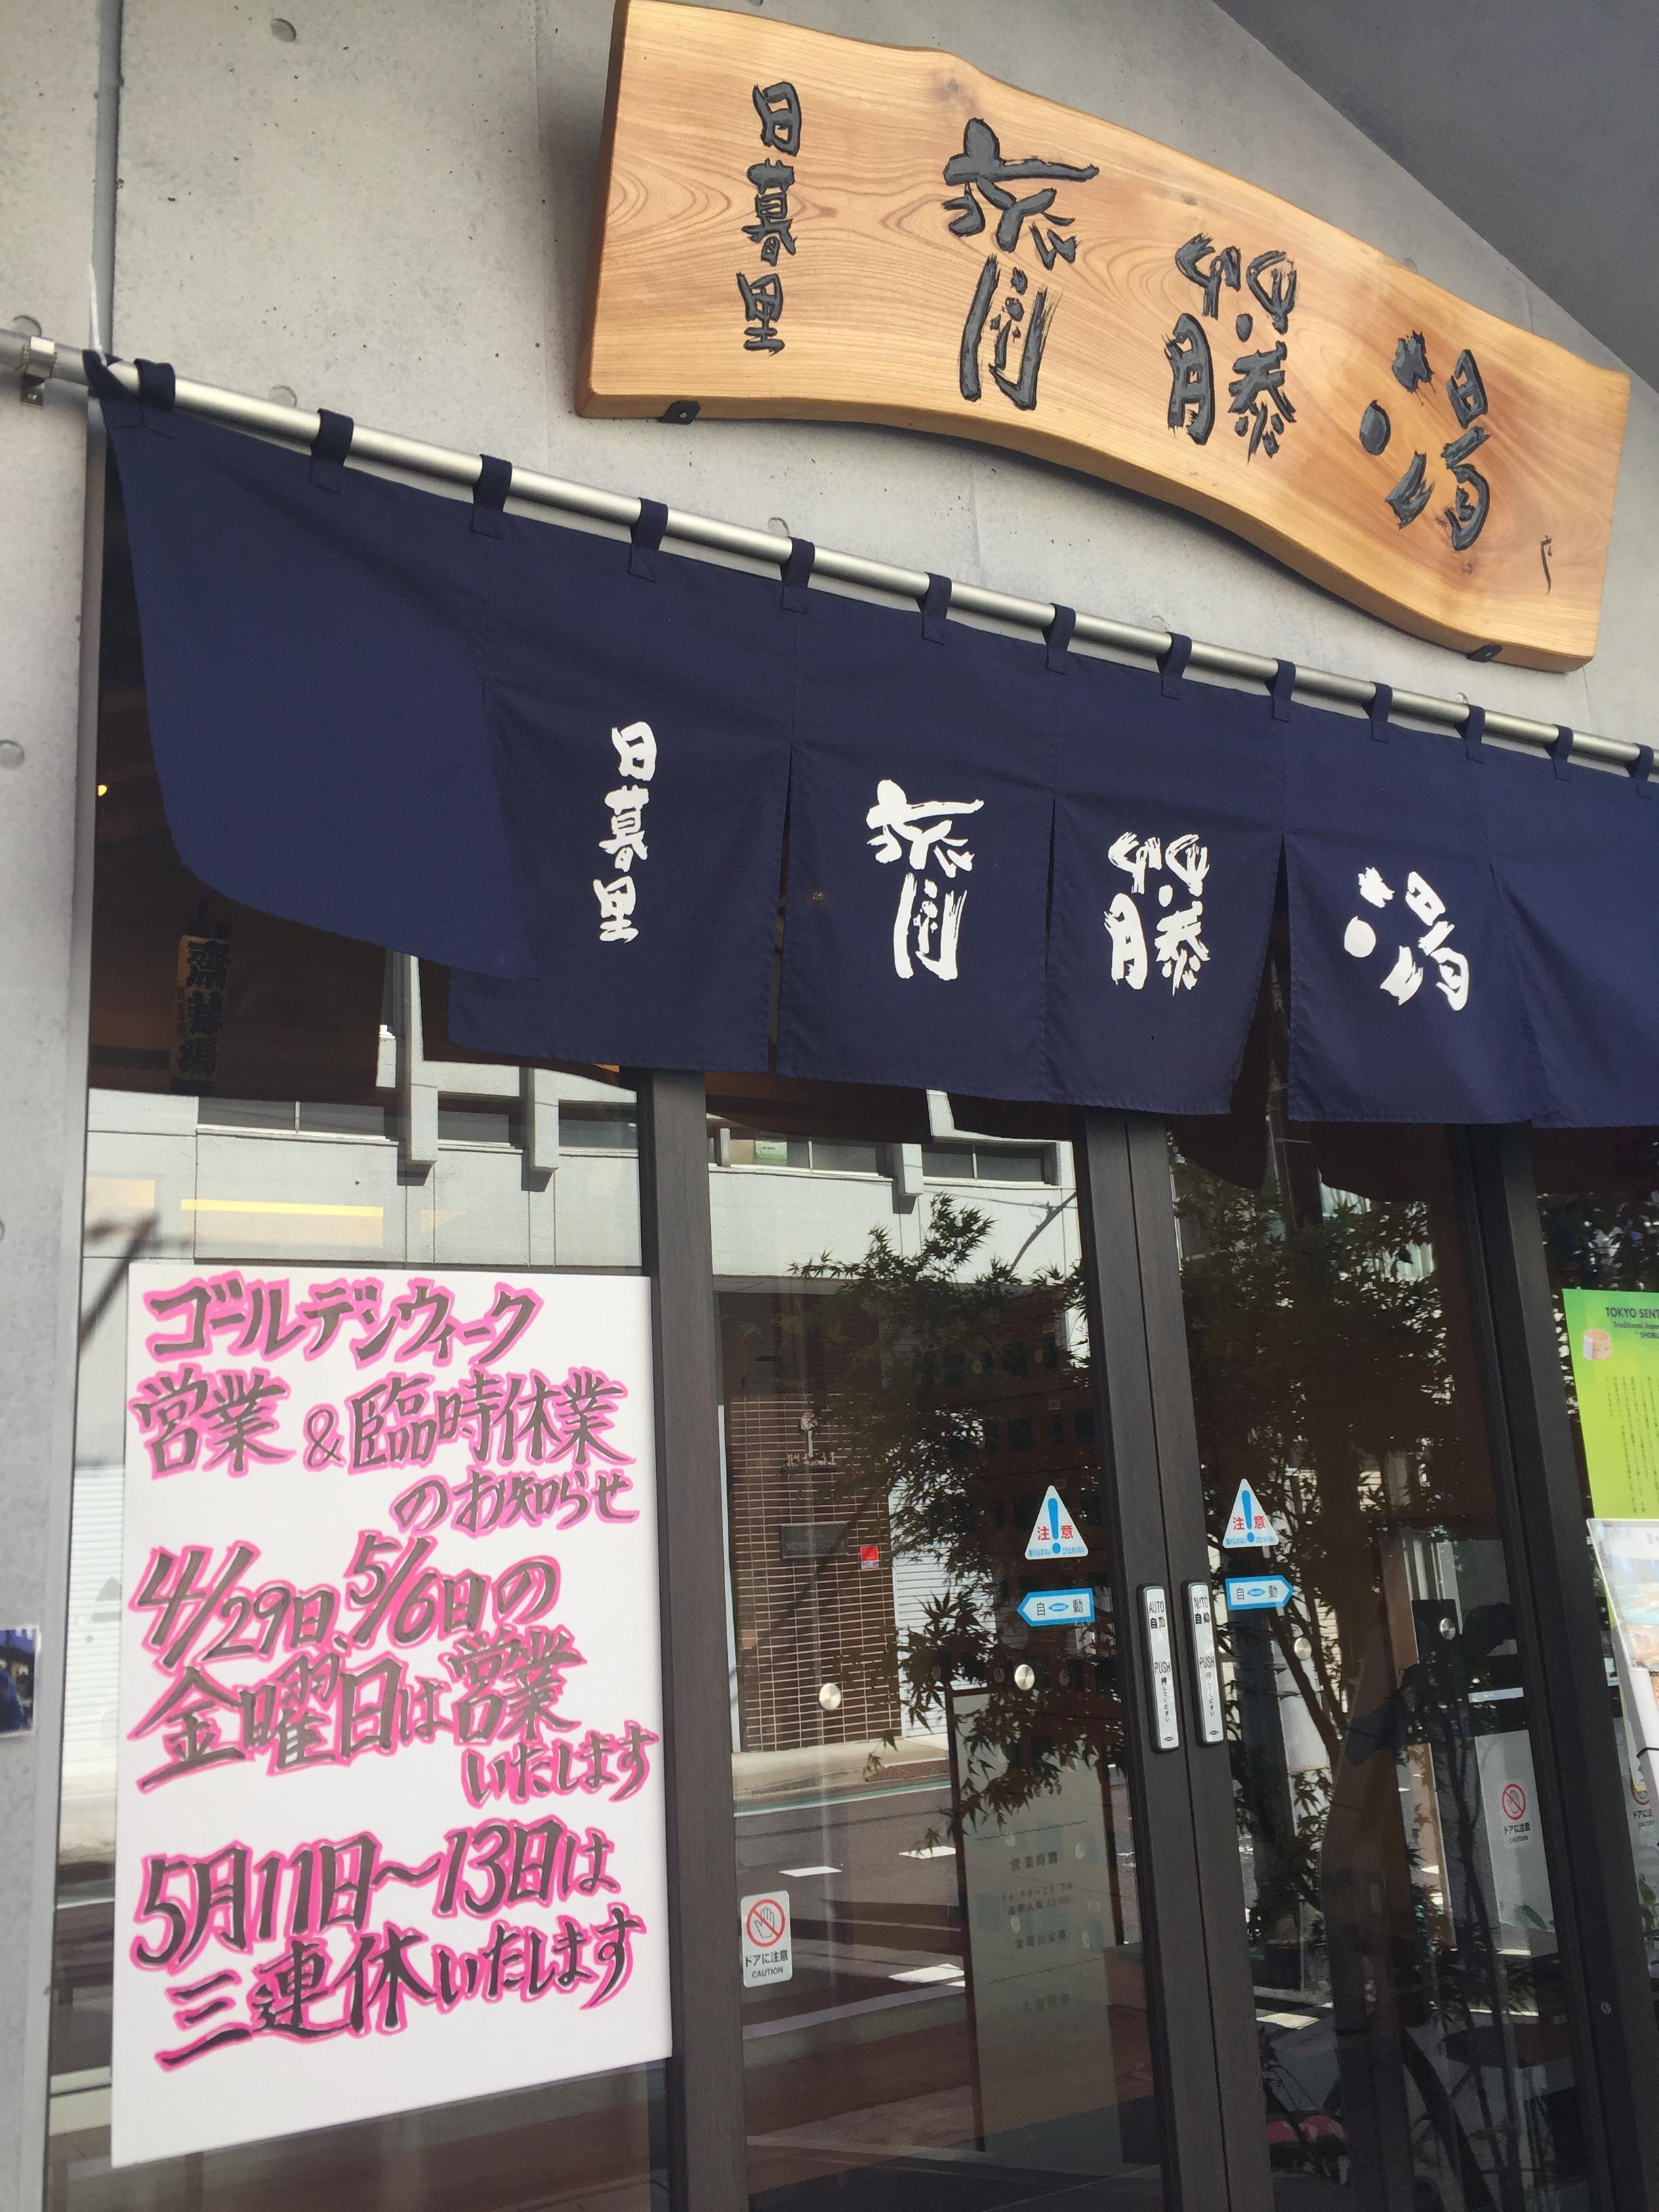 http://www.saito-yu.com/blog/dd32b4a502c97f1499ea6e63a193ecd019c51912.jpeg